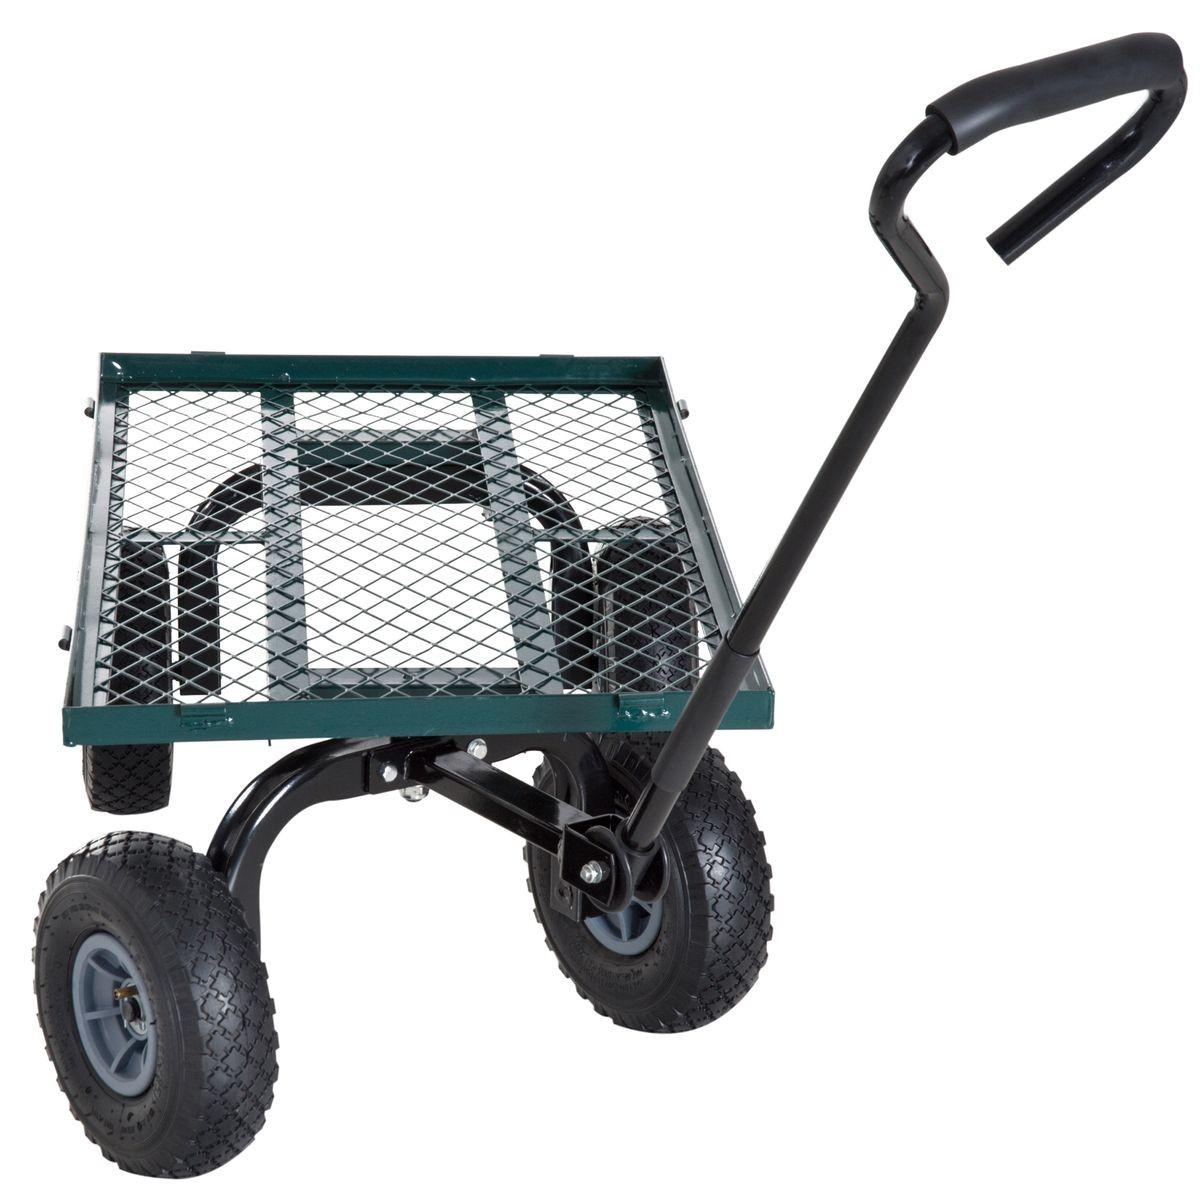 Chariot De Transport Jardin 4 Roues Vert - Taille : Taille ... pour Chariot De Jardin 4 Roues